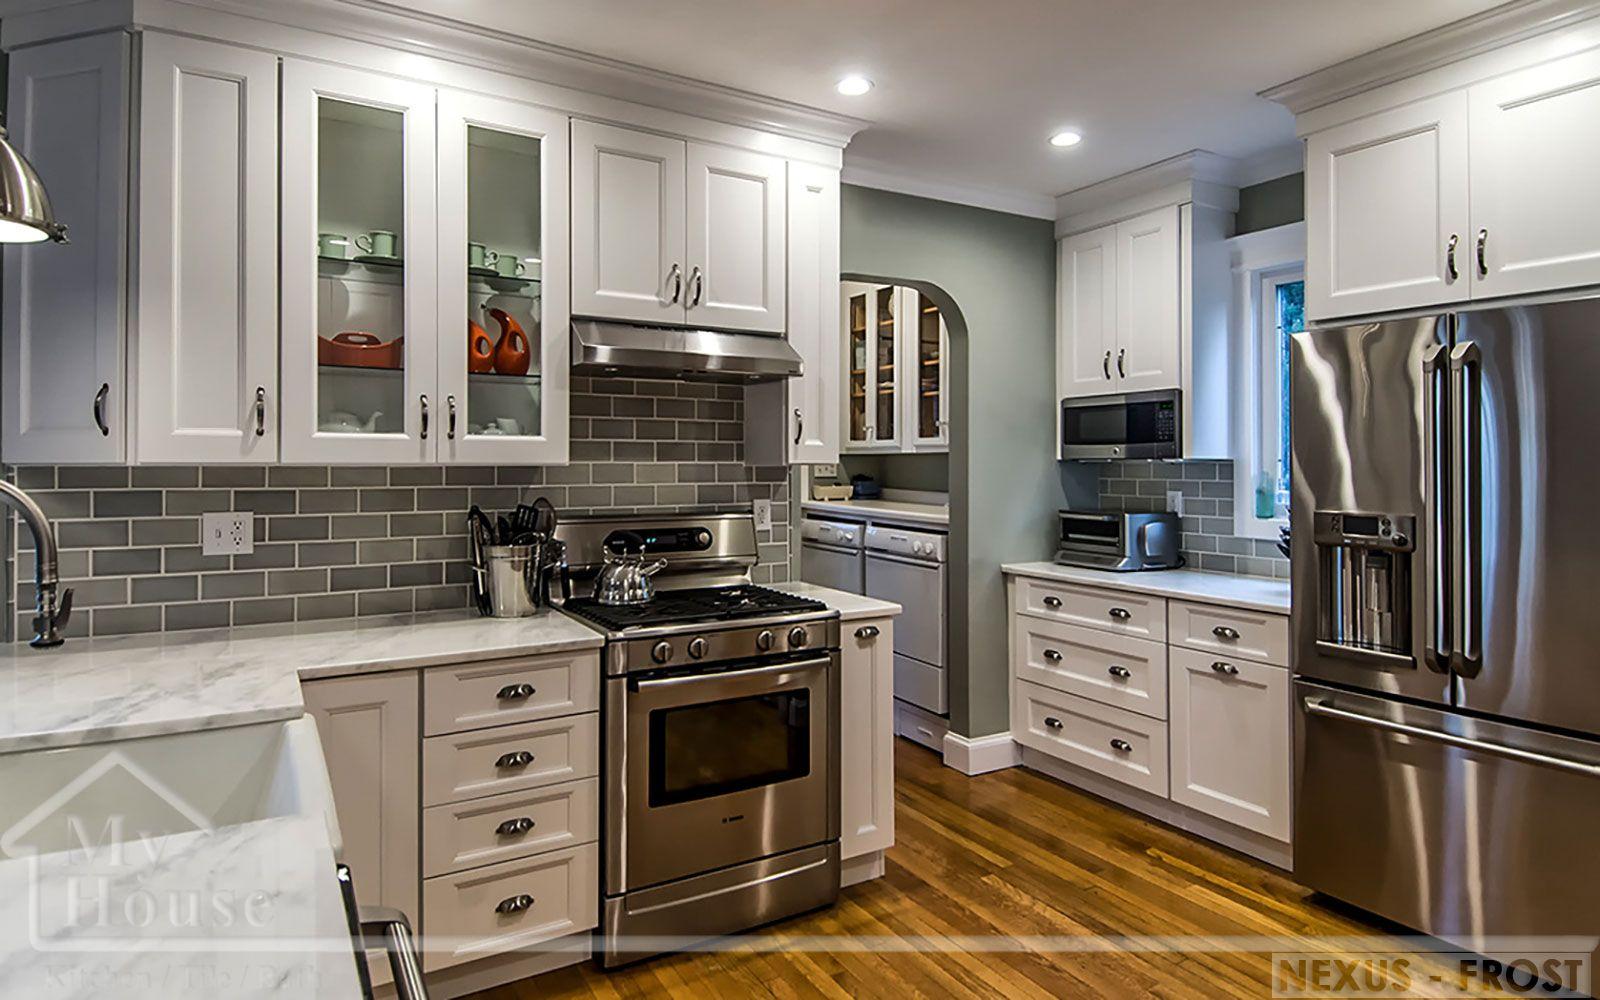 Fabuwood Nexus Frost Kitchen Cabinets Best Cabinet Deals Home DIY - Kitchen cabinet deals